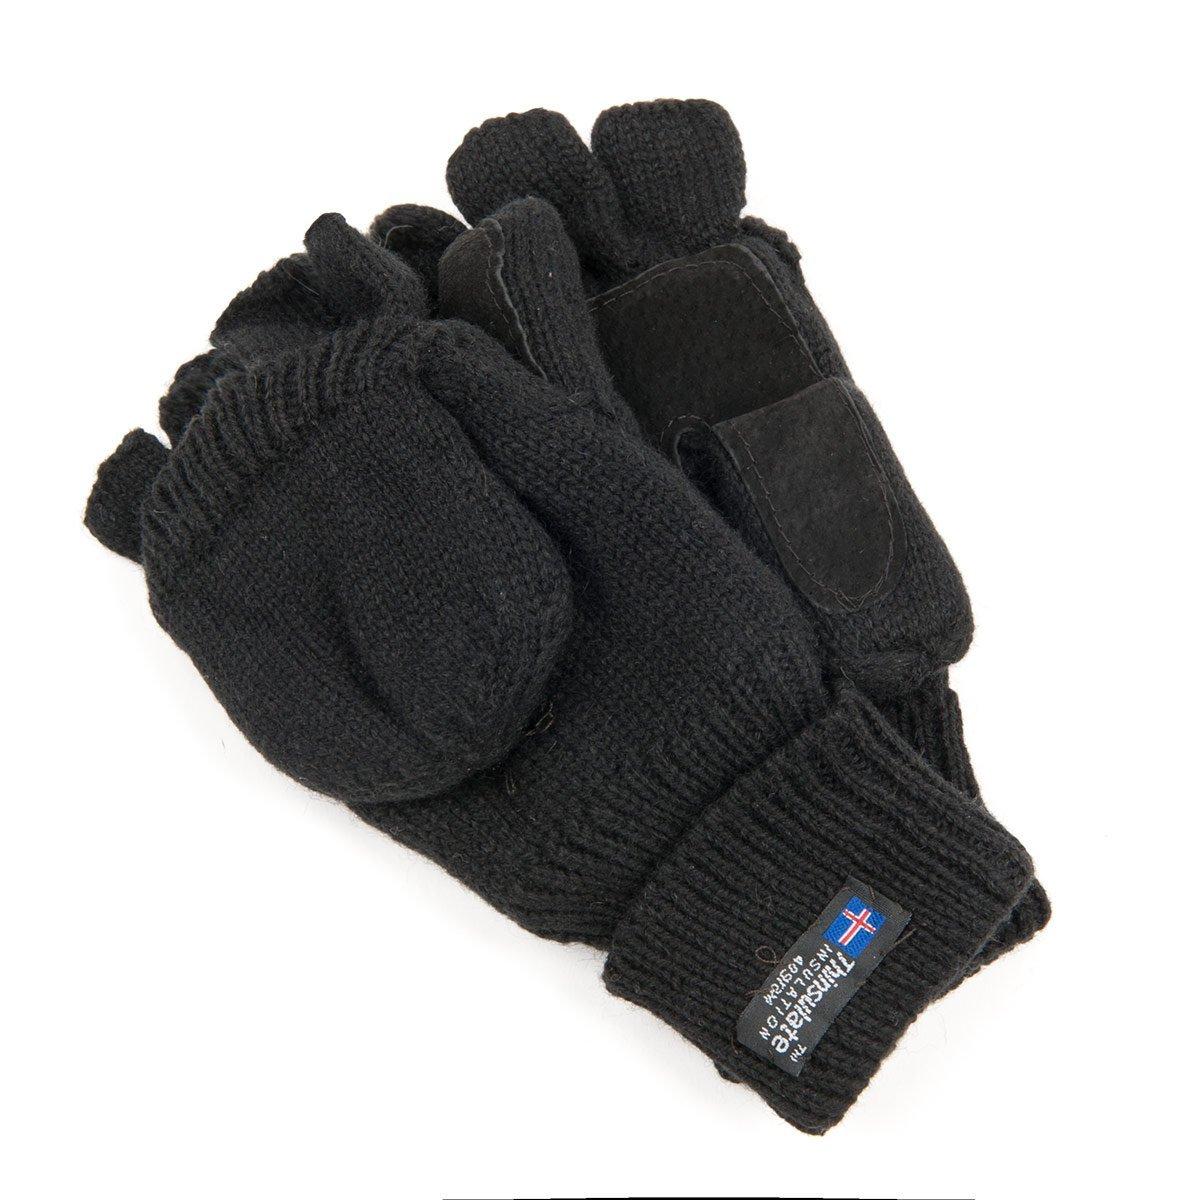 Guanti da donna senza dita tipo manopola in lana maglia con fodera  THINSULATE 8673fd61ccbe